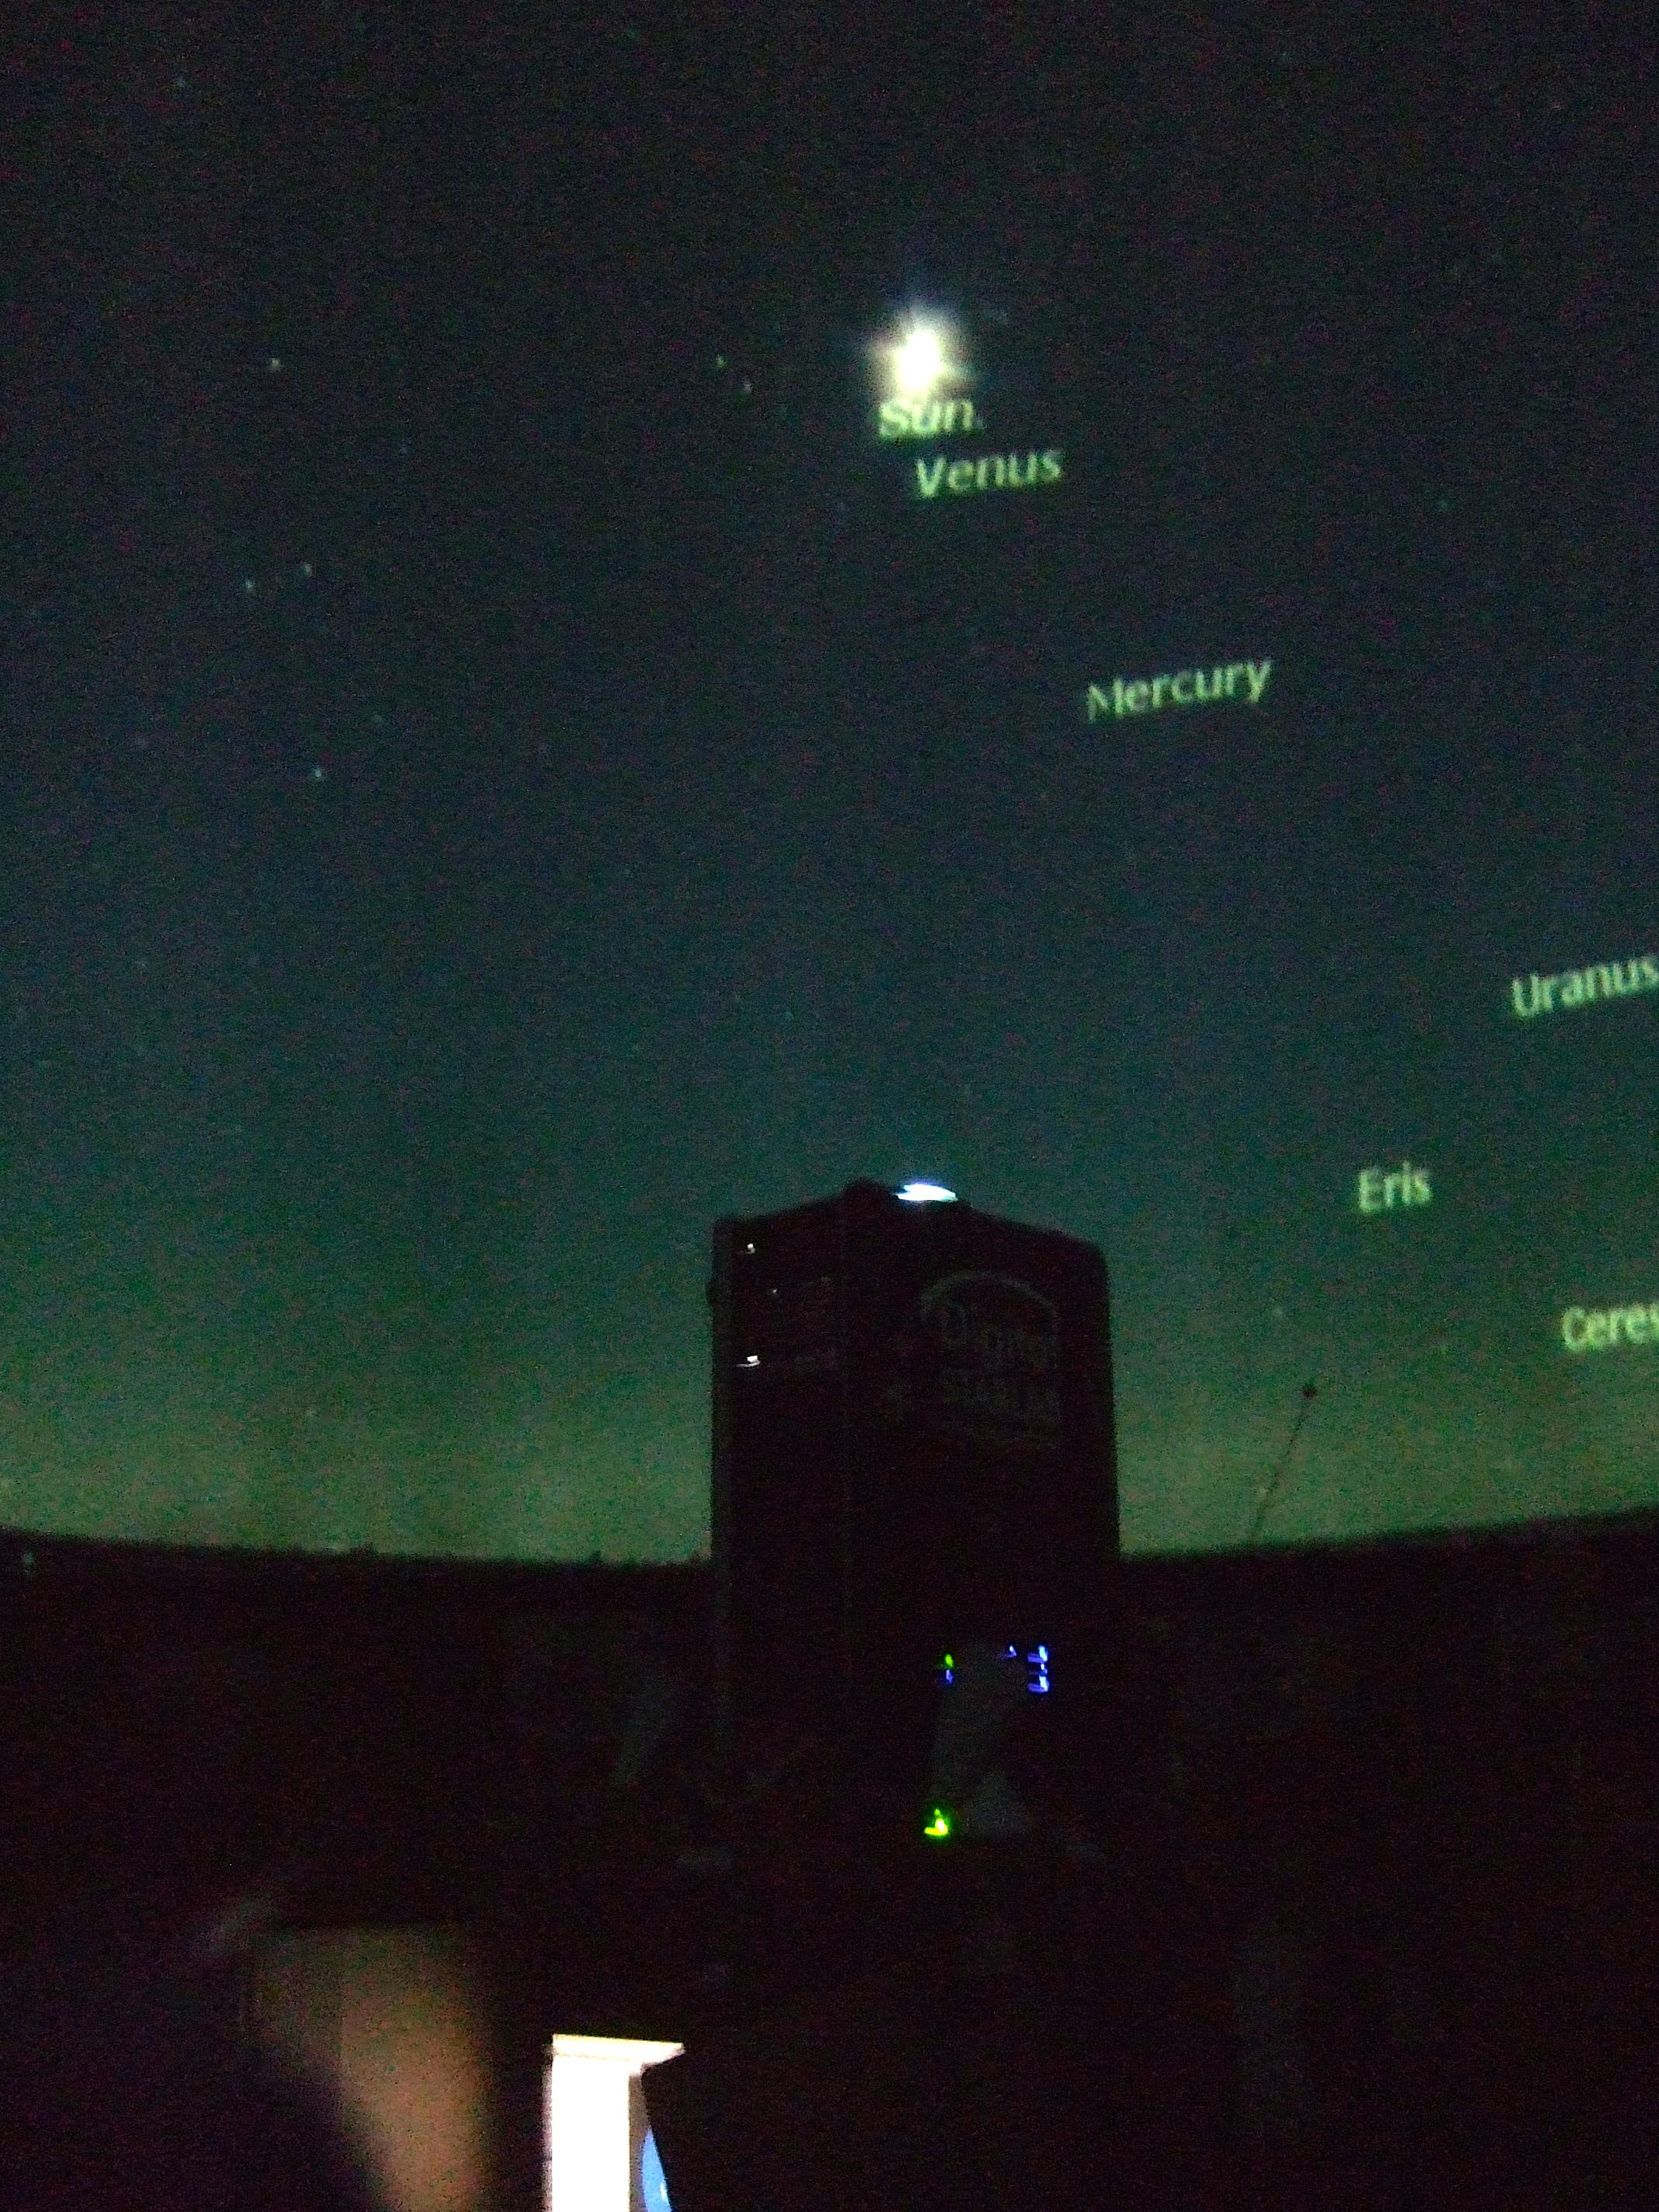 Stjernekammeret